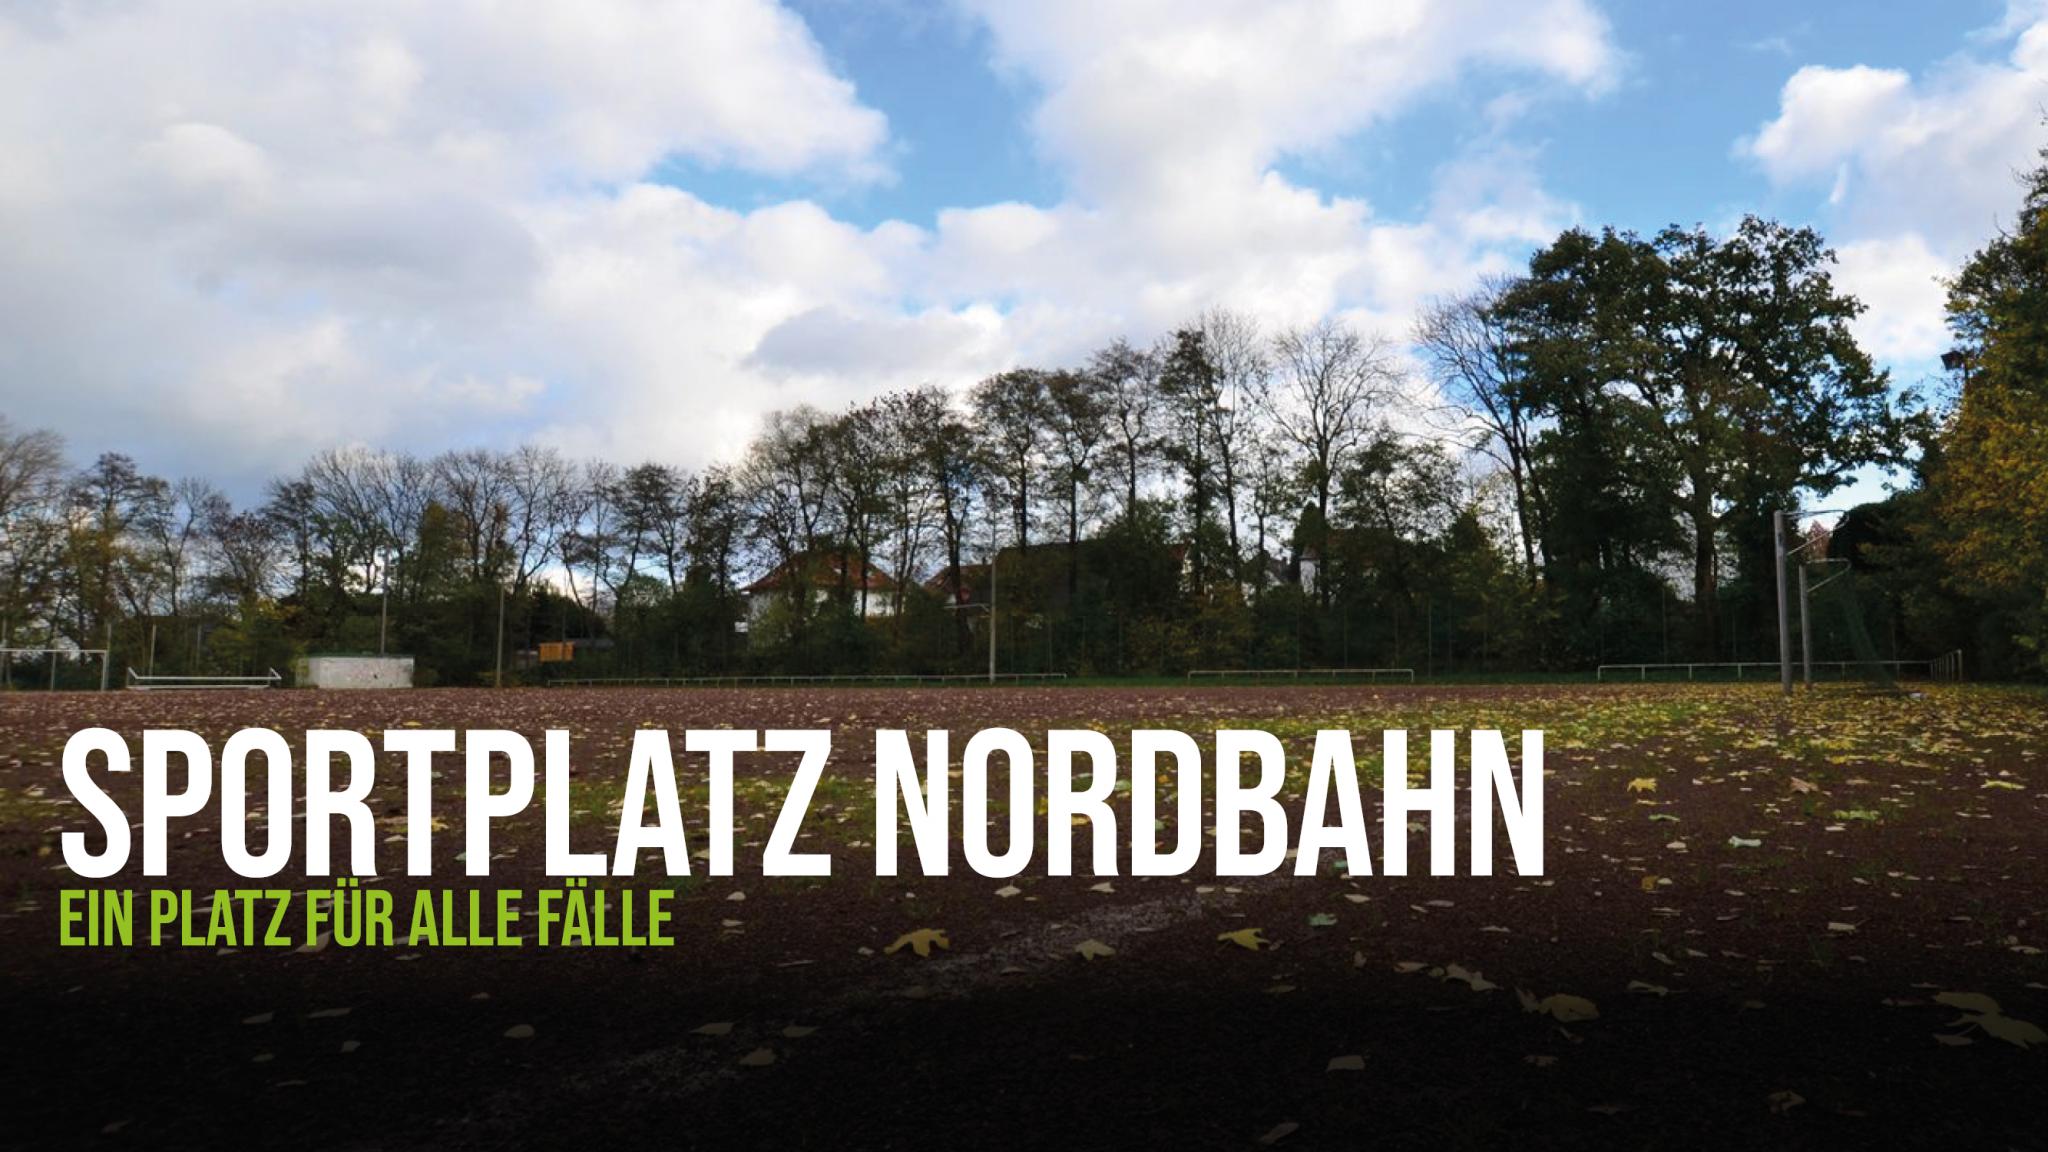 Blick auf den Sportplatz an der Nordbahn, ein Ascheplatz, der als Ausweichplatz für den FC Löhne-Gohfeld dient.